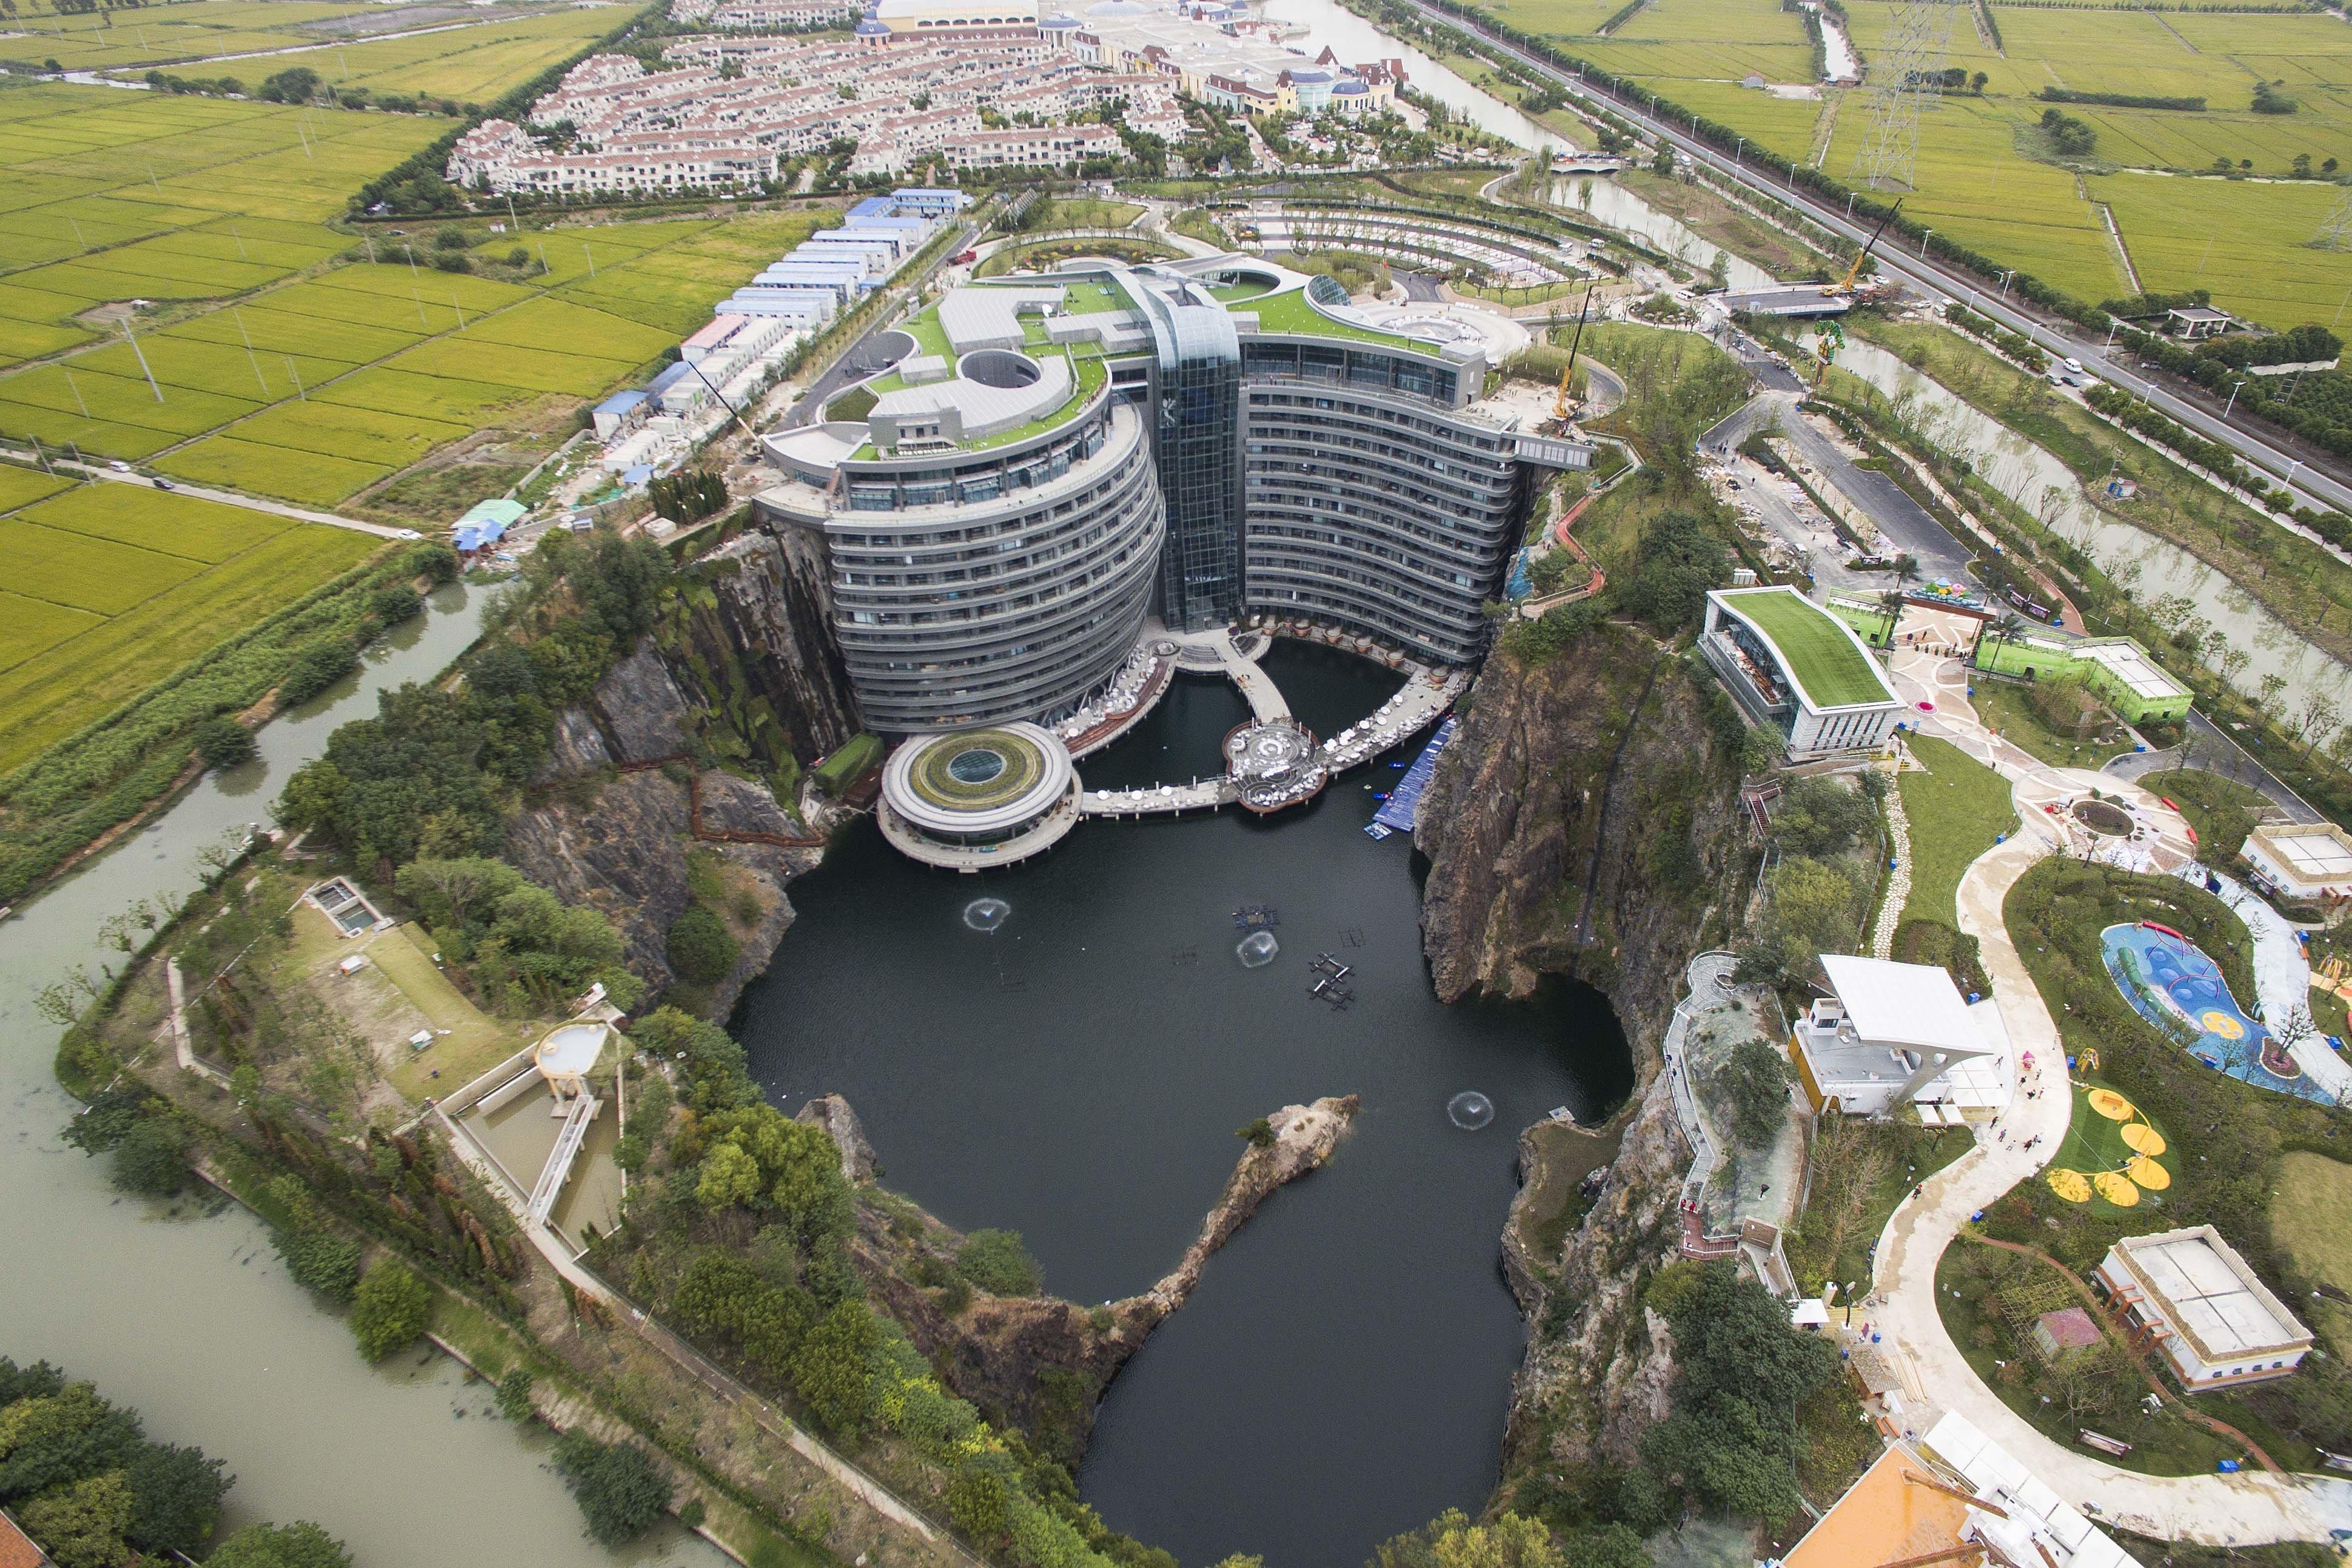 Σανγκάη: Το πρώτο ξενοδοχείο στον κόσμο που χτίστηκε σε